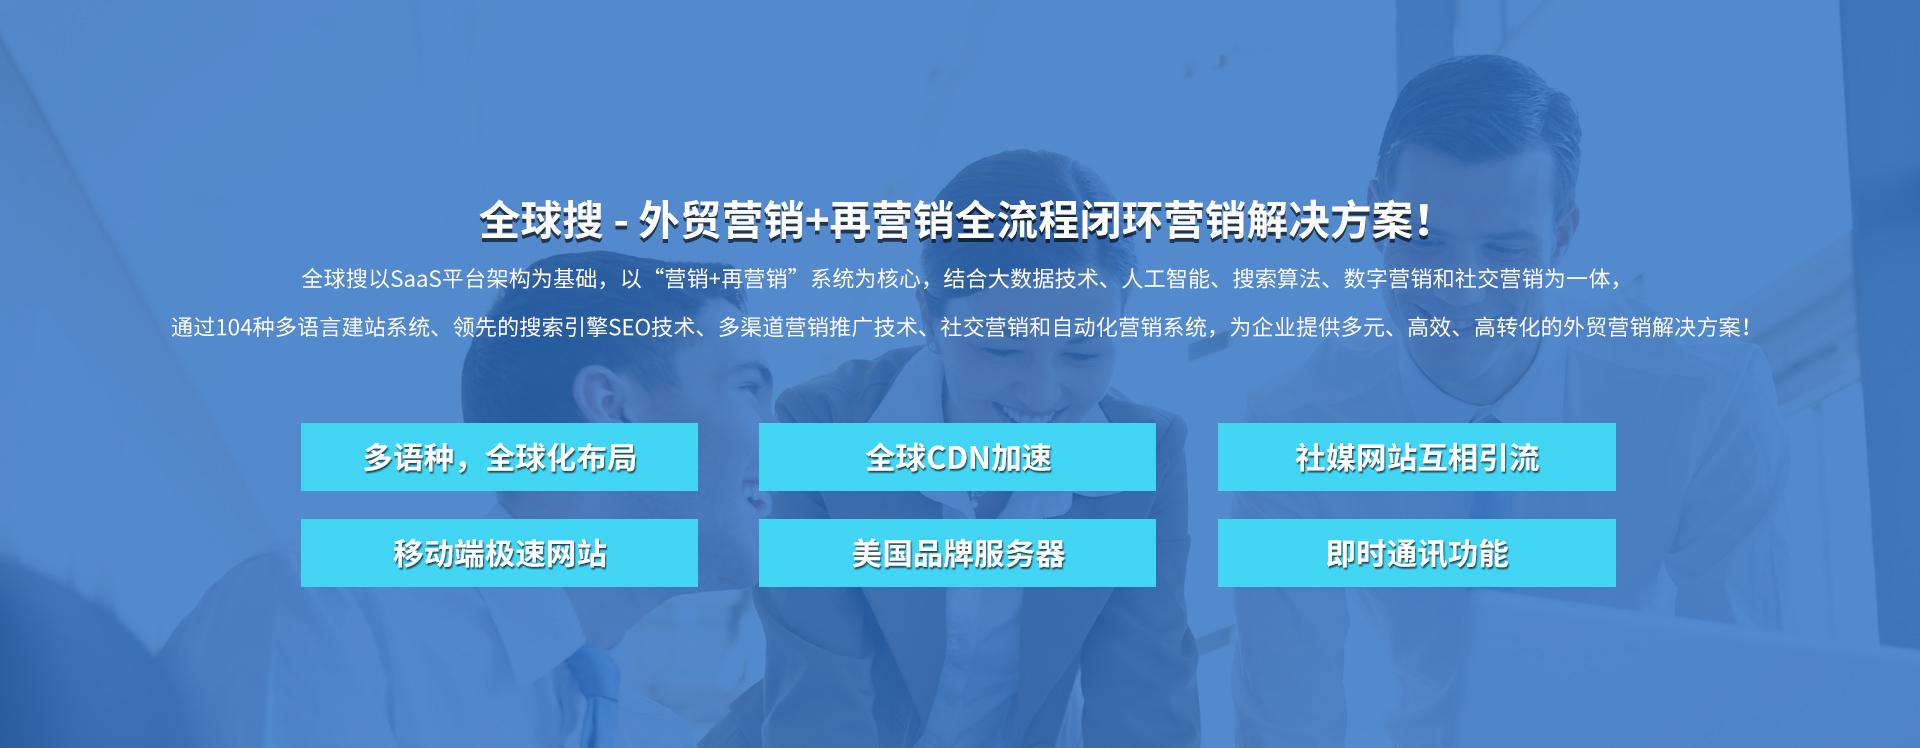 惠州网络推广,专业网站建设